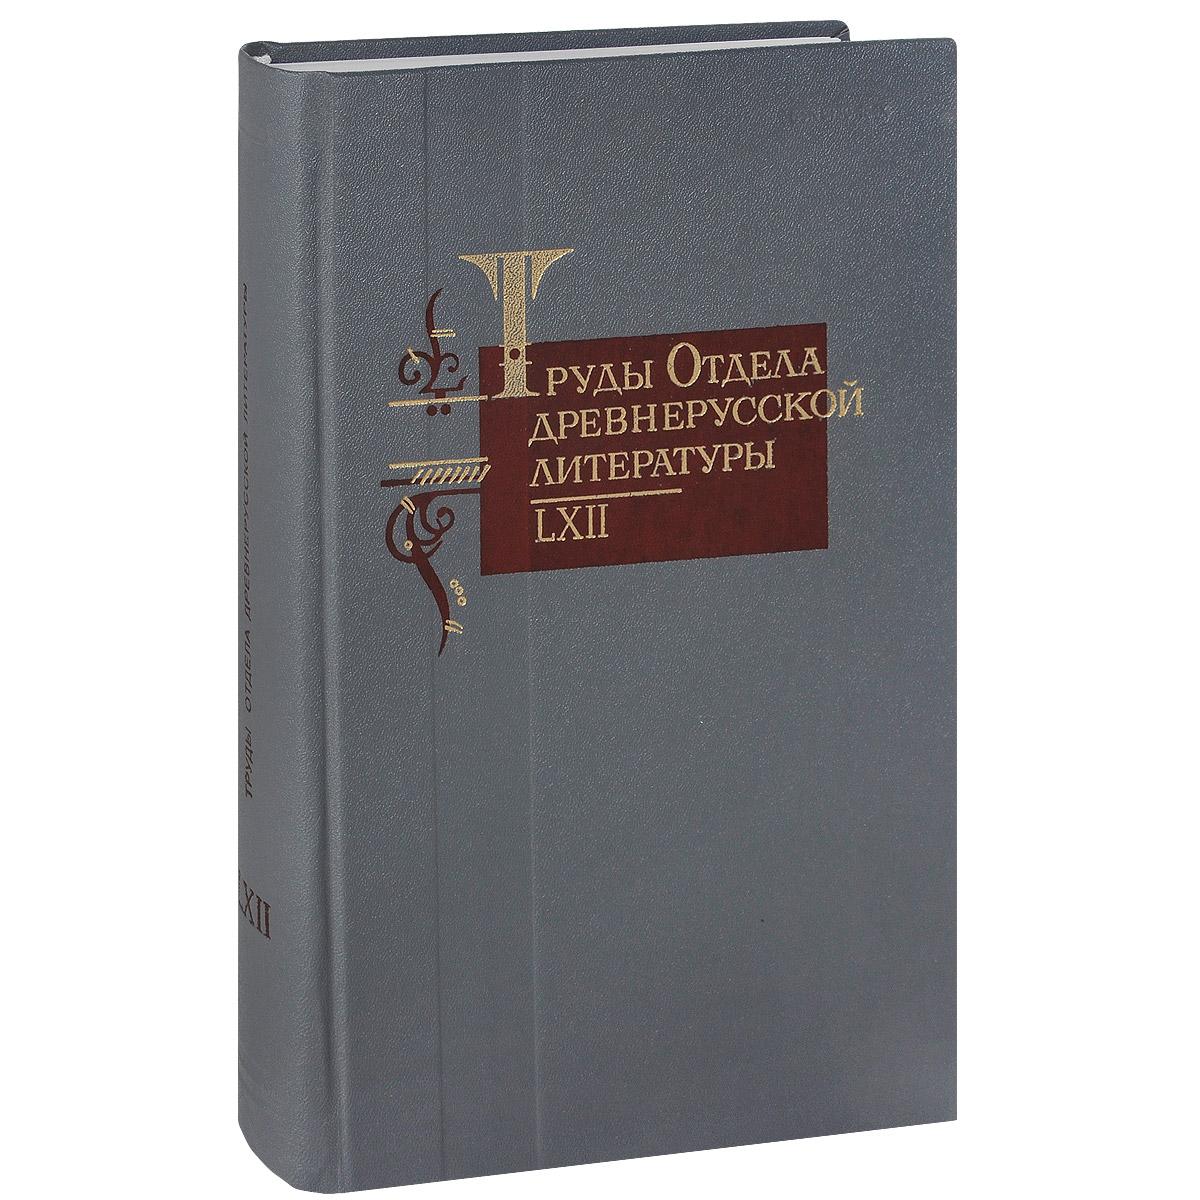 Труды Отдела древнерусской литературы. Том 62 шедевры древнерусской литературы